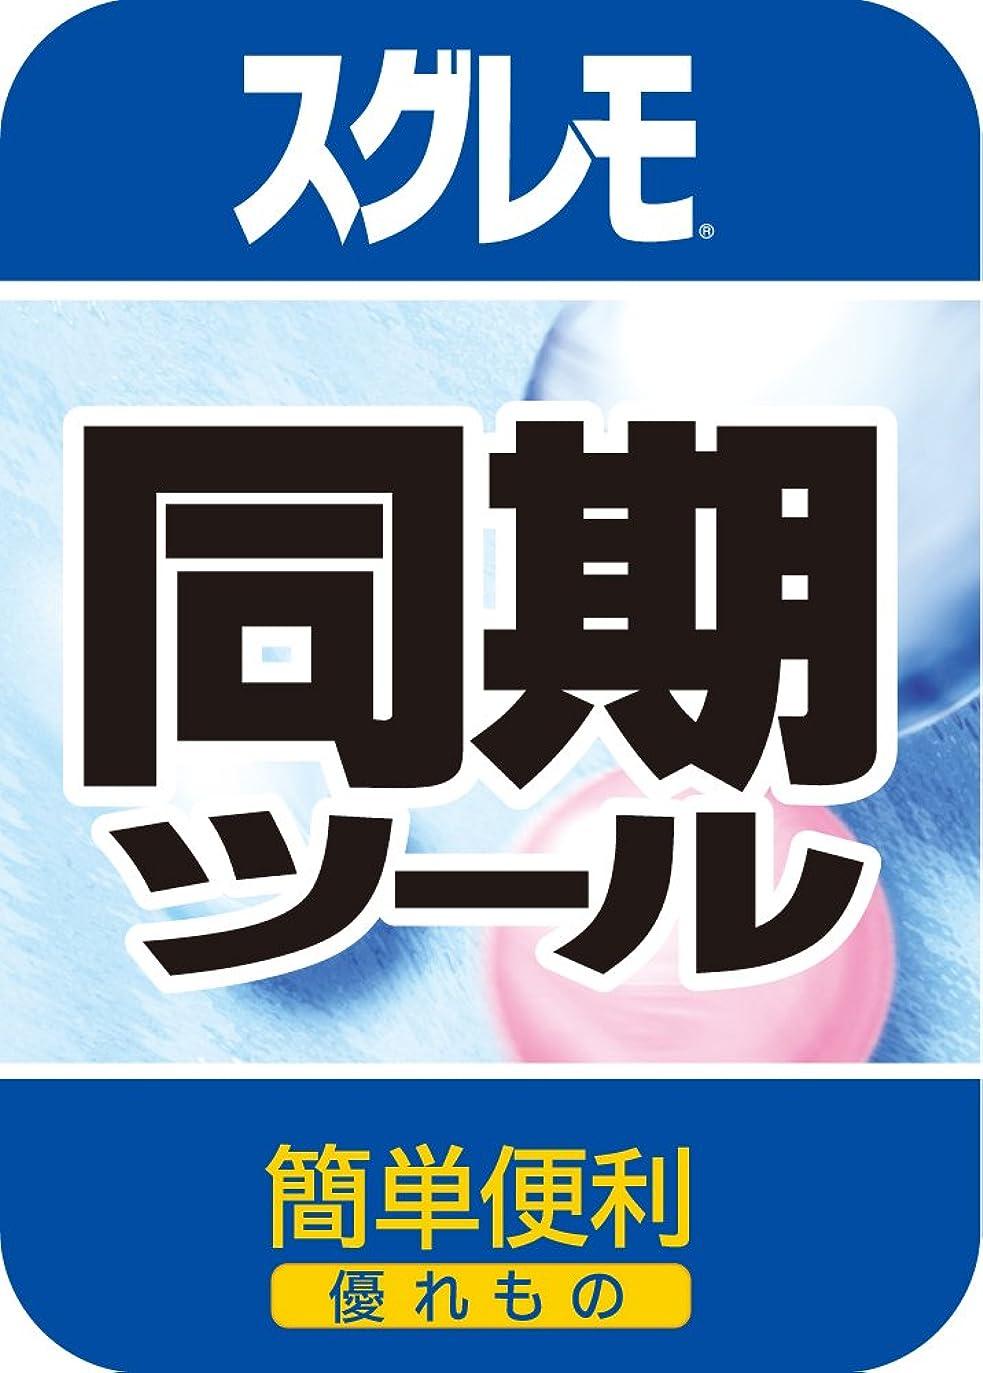 洗剤トランジスタ出席ソースネクスト スグレモ 同期ツール|ダウンロード版